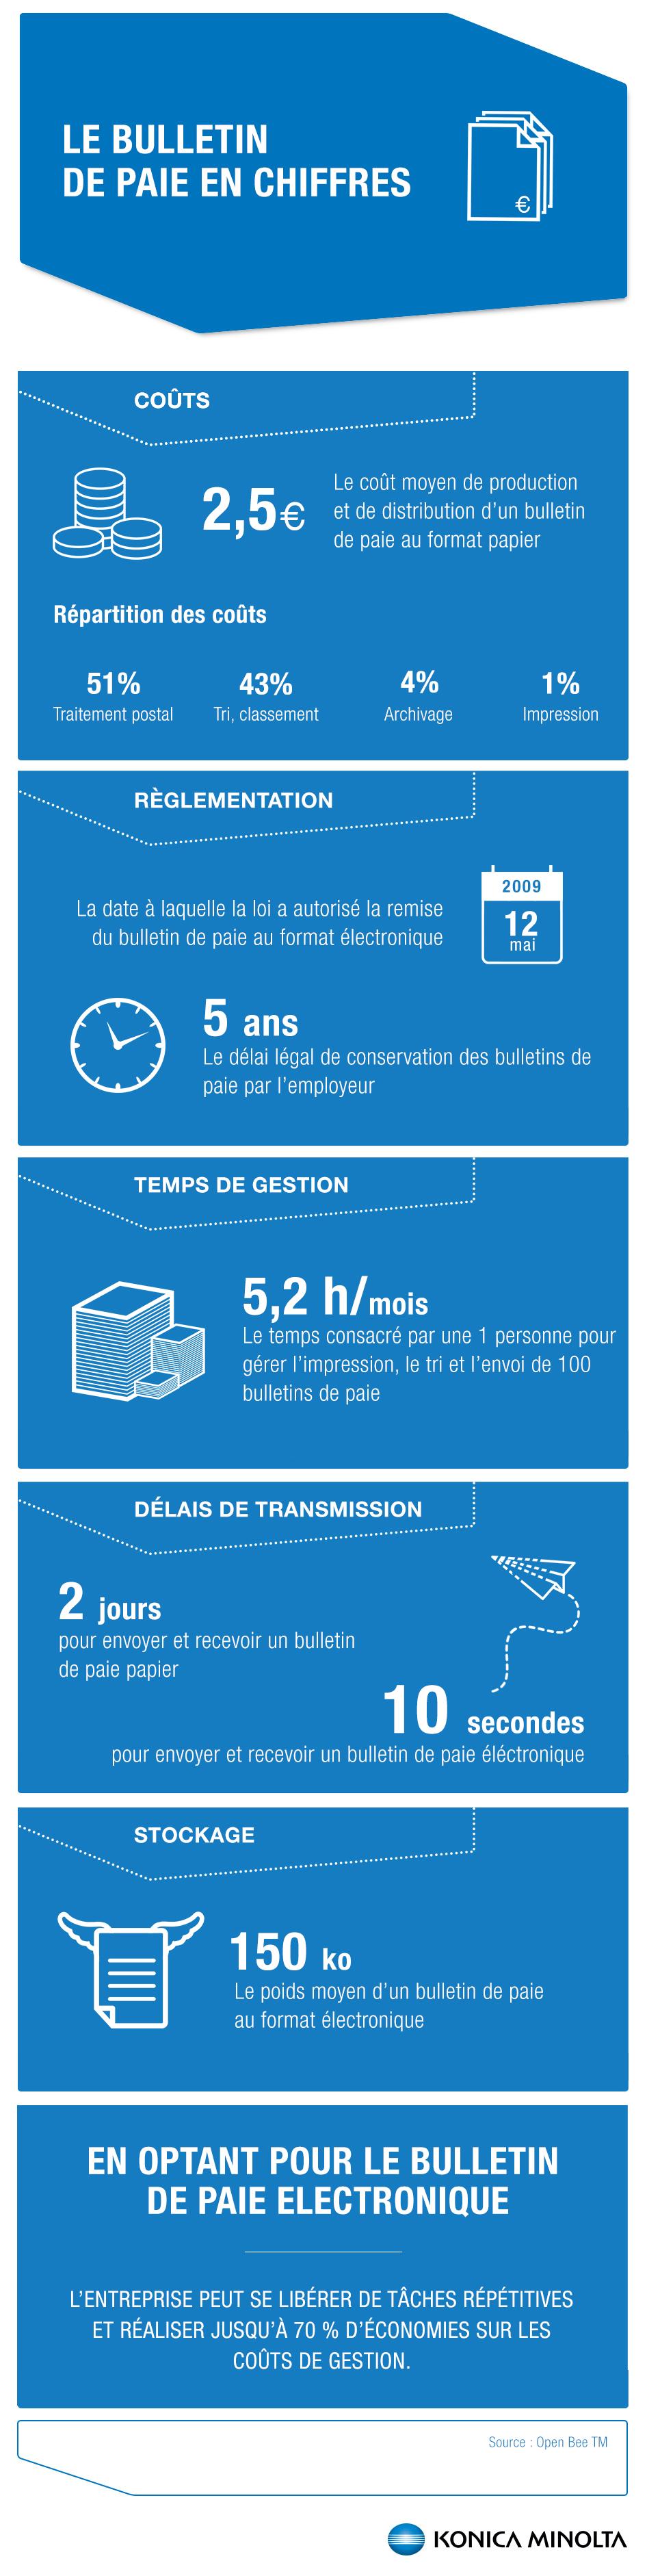 Infographie-bulletin-de-paie-en-chiffres